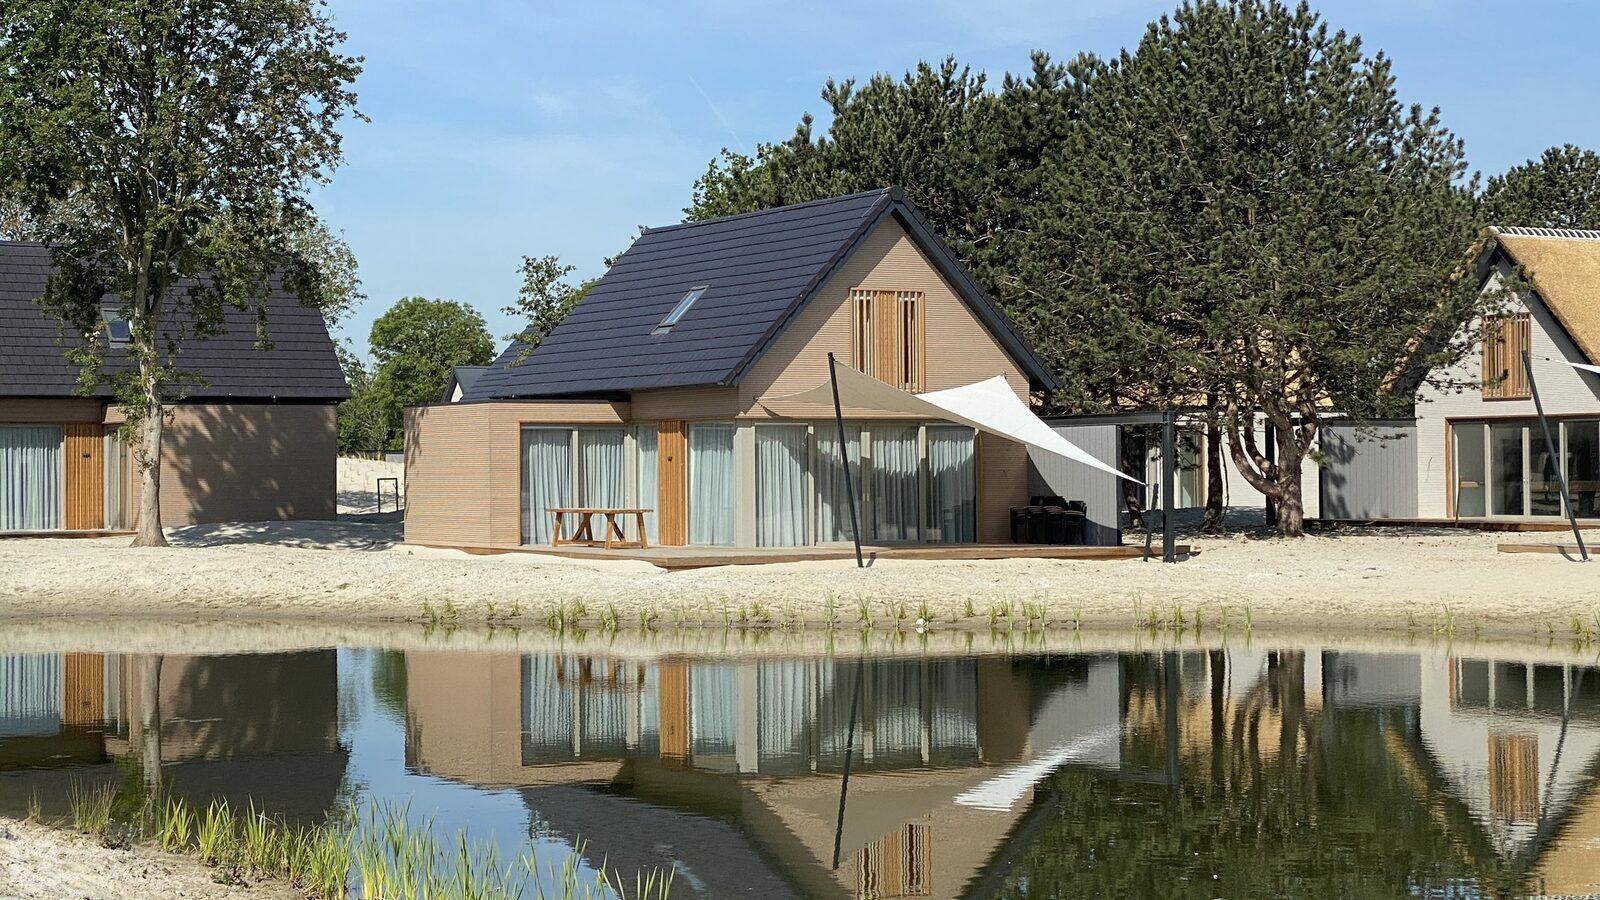 VZ846 Luxusferienhaus Ouddorp